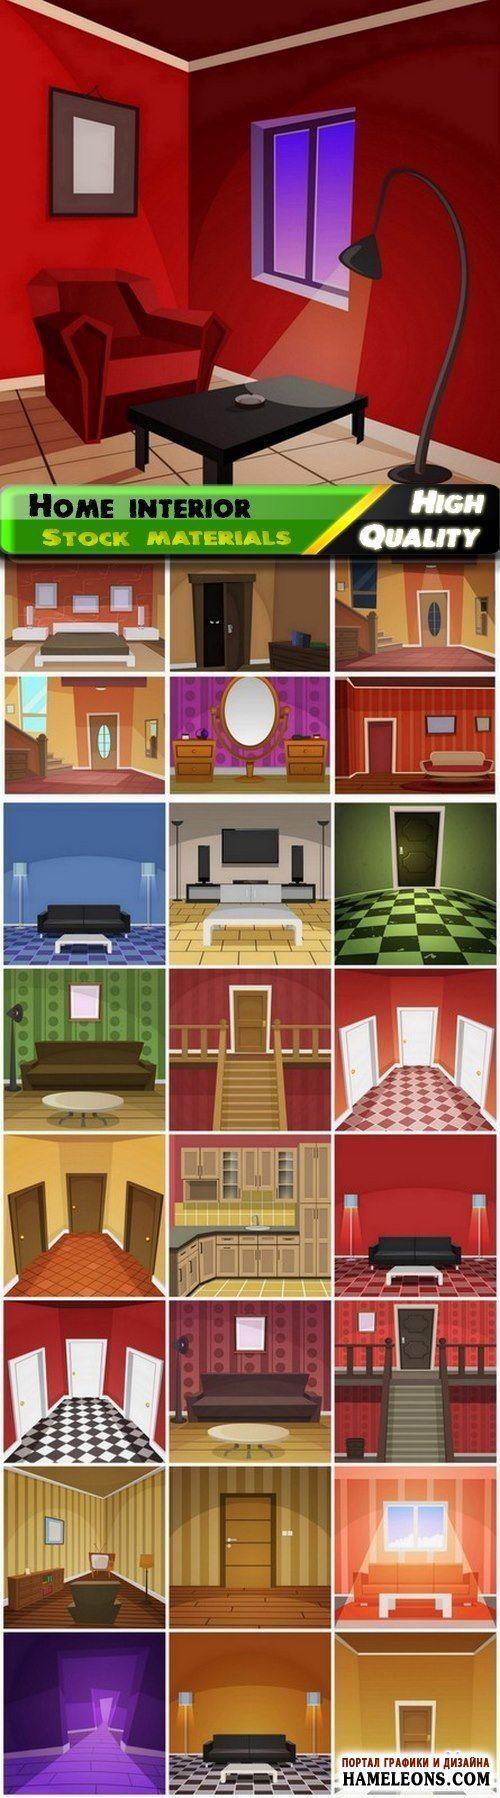 Внутренний интерьер дома: комнаты, двери, окна, мебель - векторный клипарт | Illustration of flat home interior with furniture